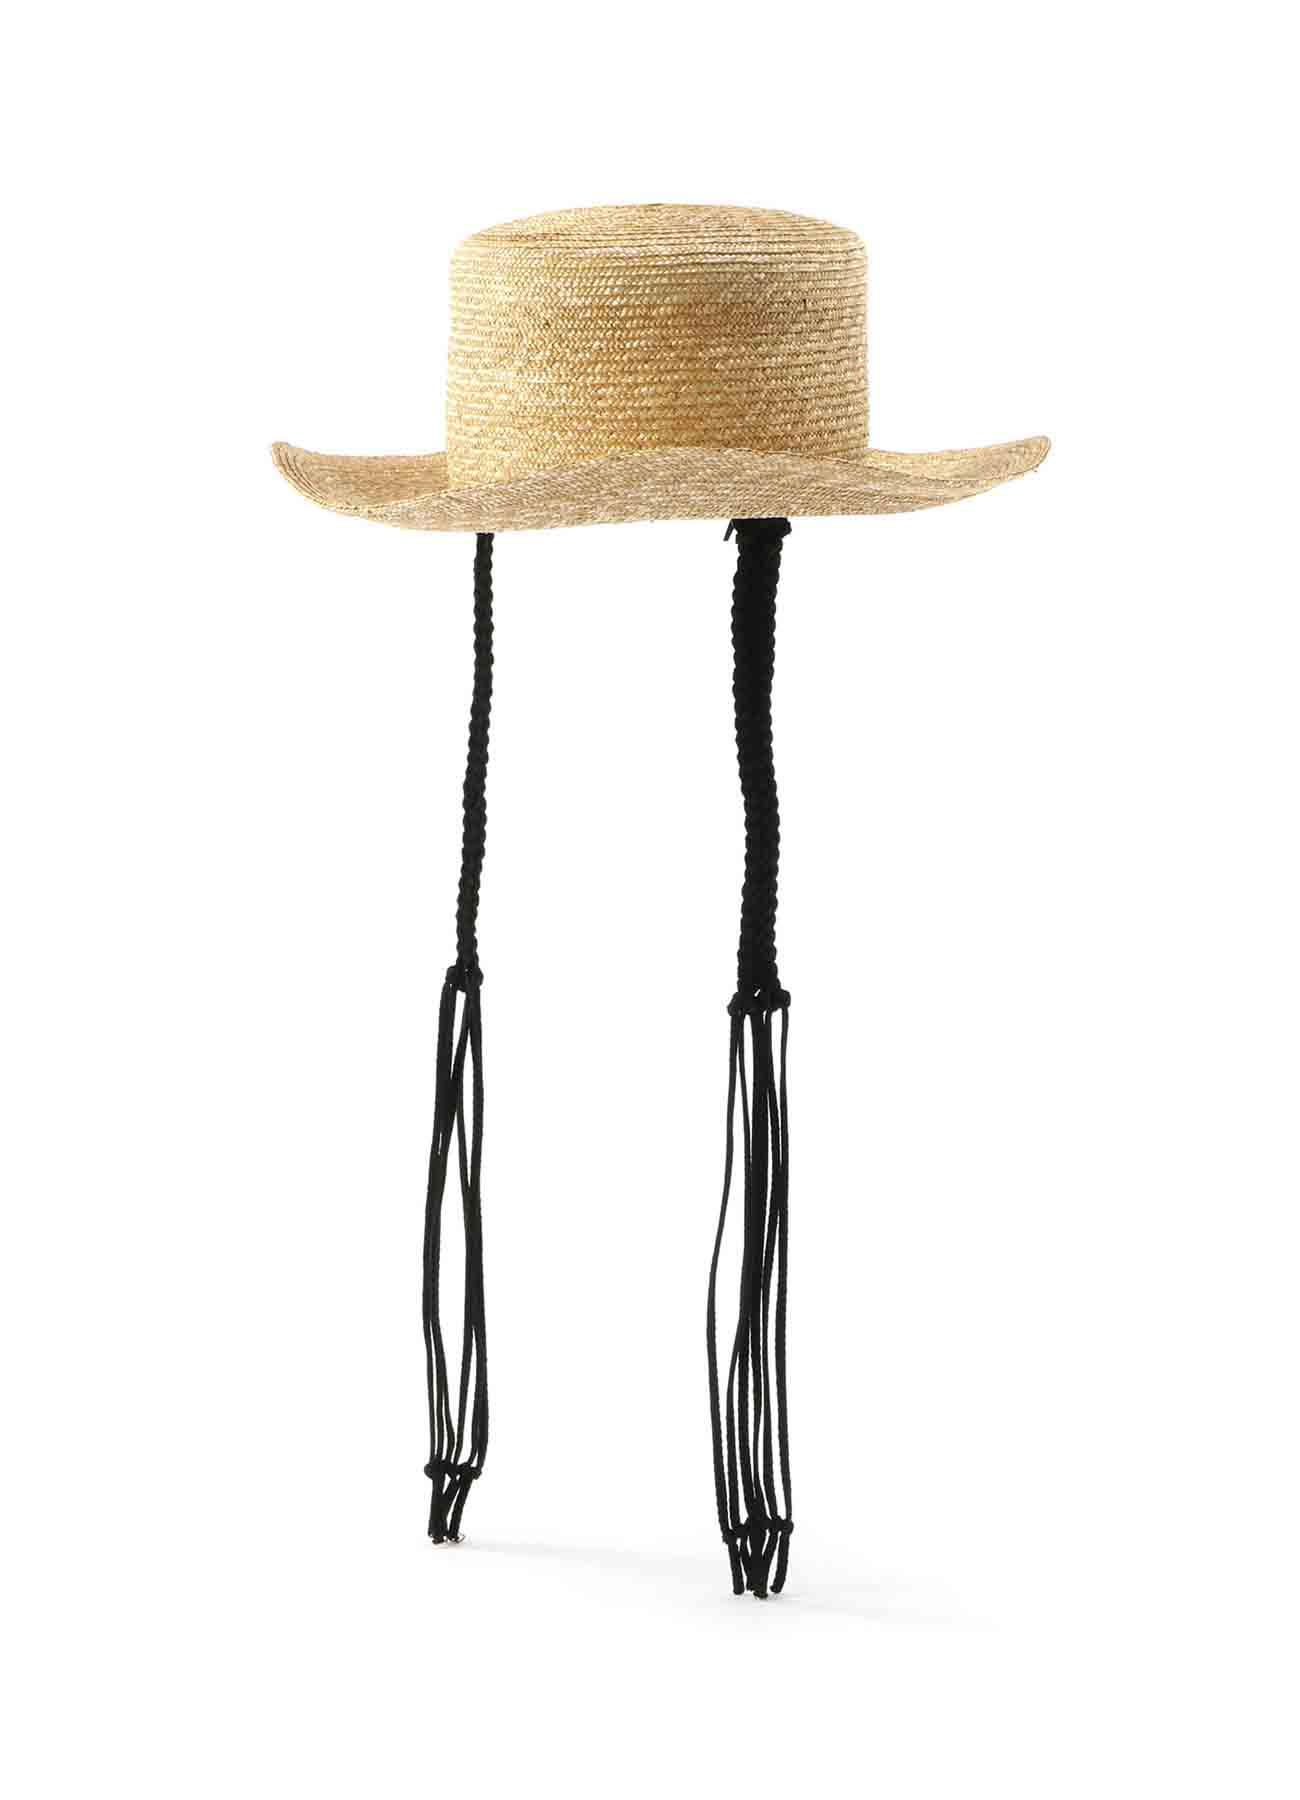 阿米什风遮阳帽